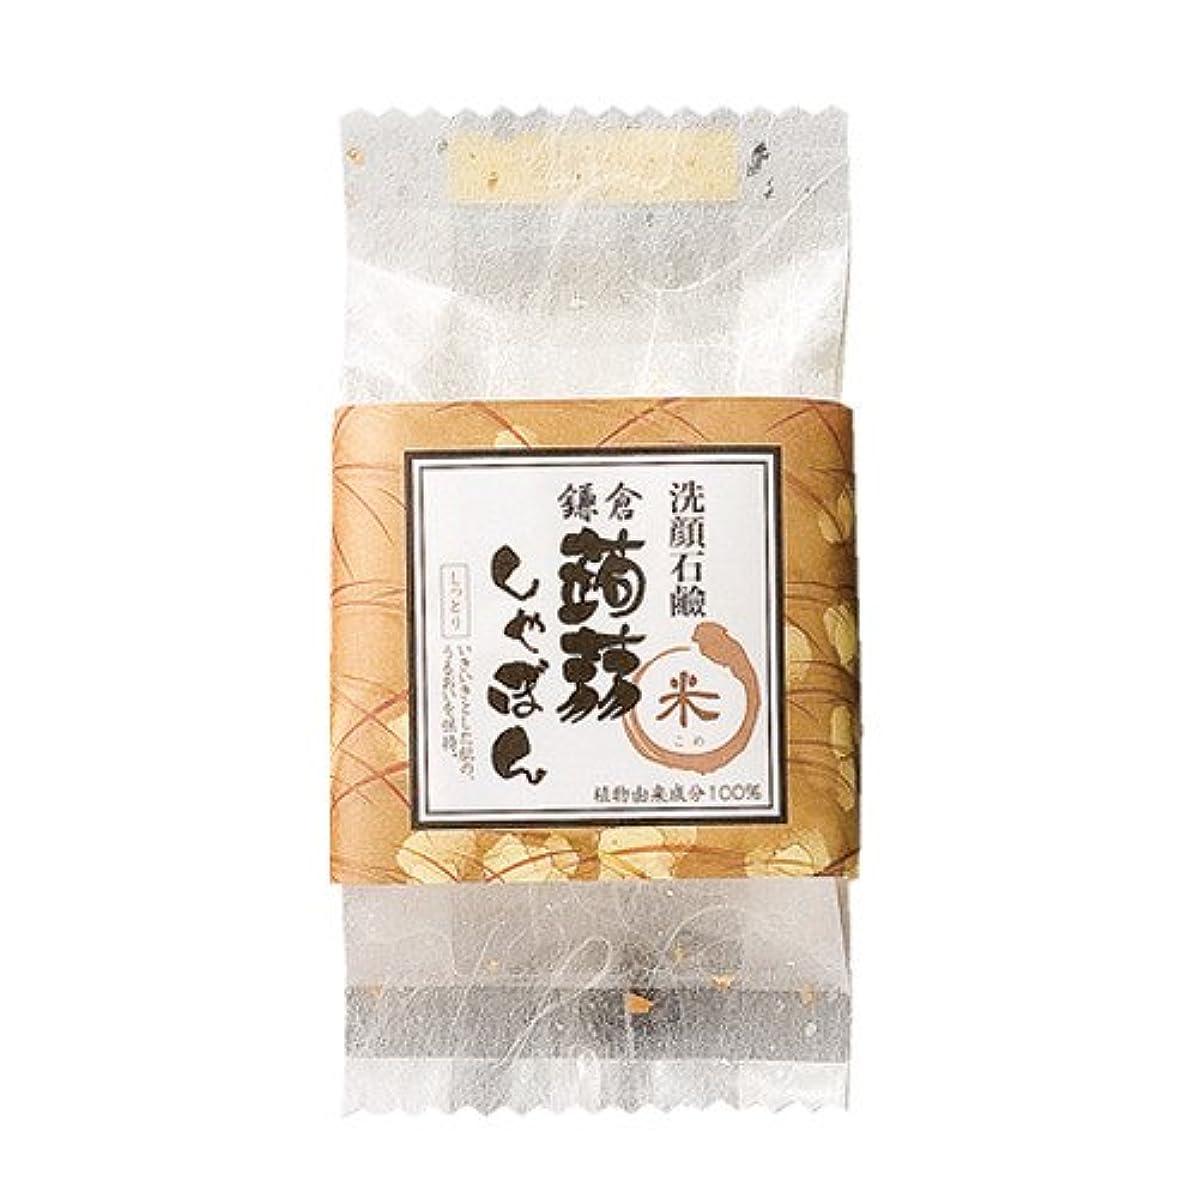 無礼に一般化する社交的鎌倉 蒟蒻しゃぼん 米